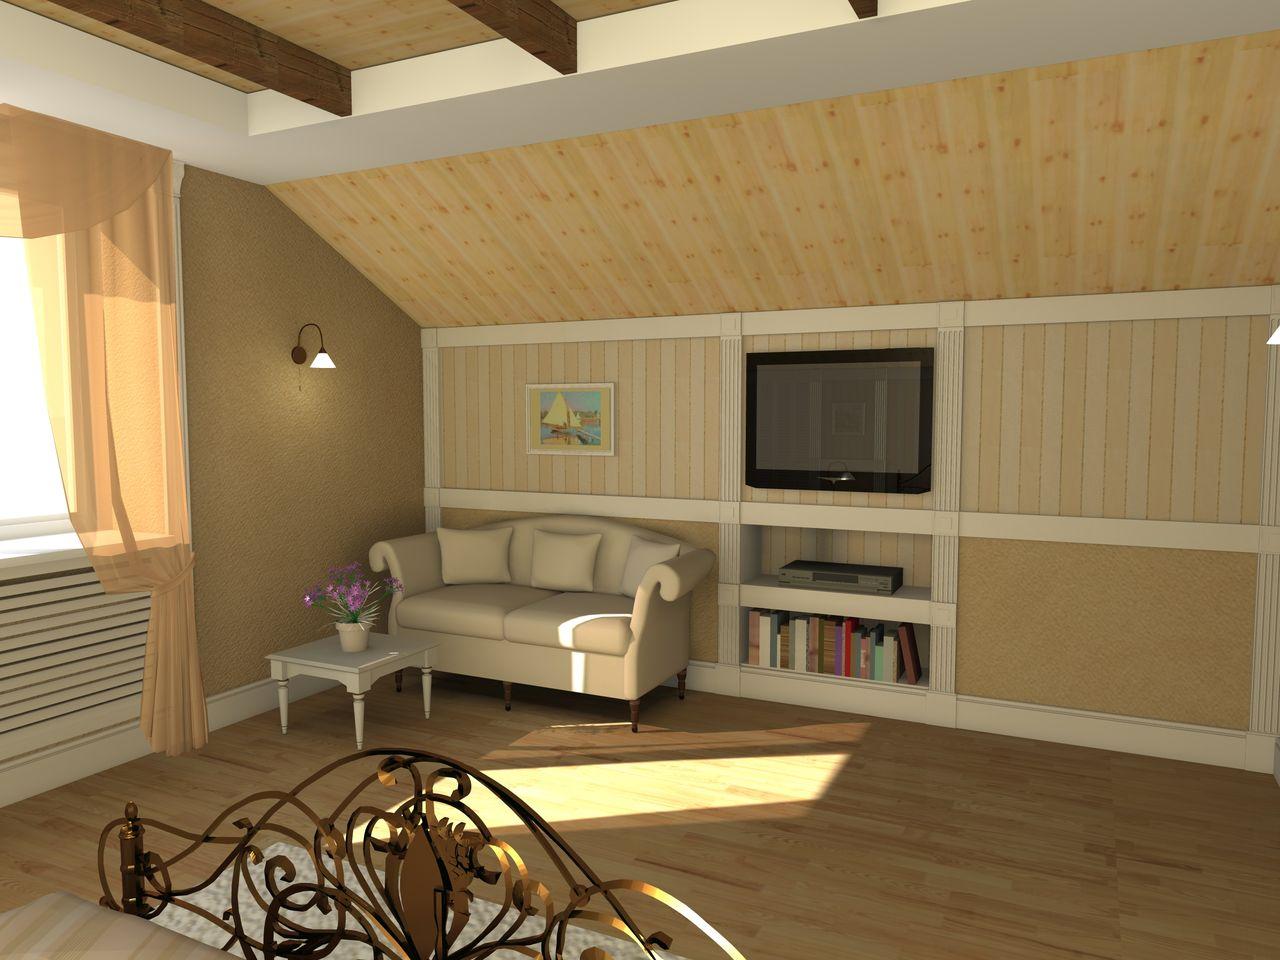 Разработка дизайн проекта квартиры - Гостевая комната вид 3